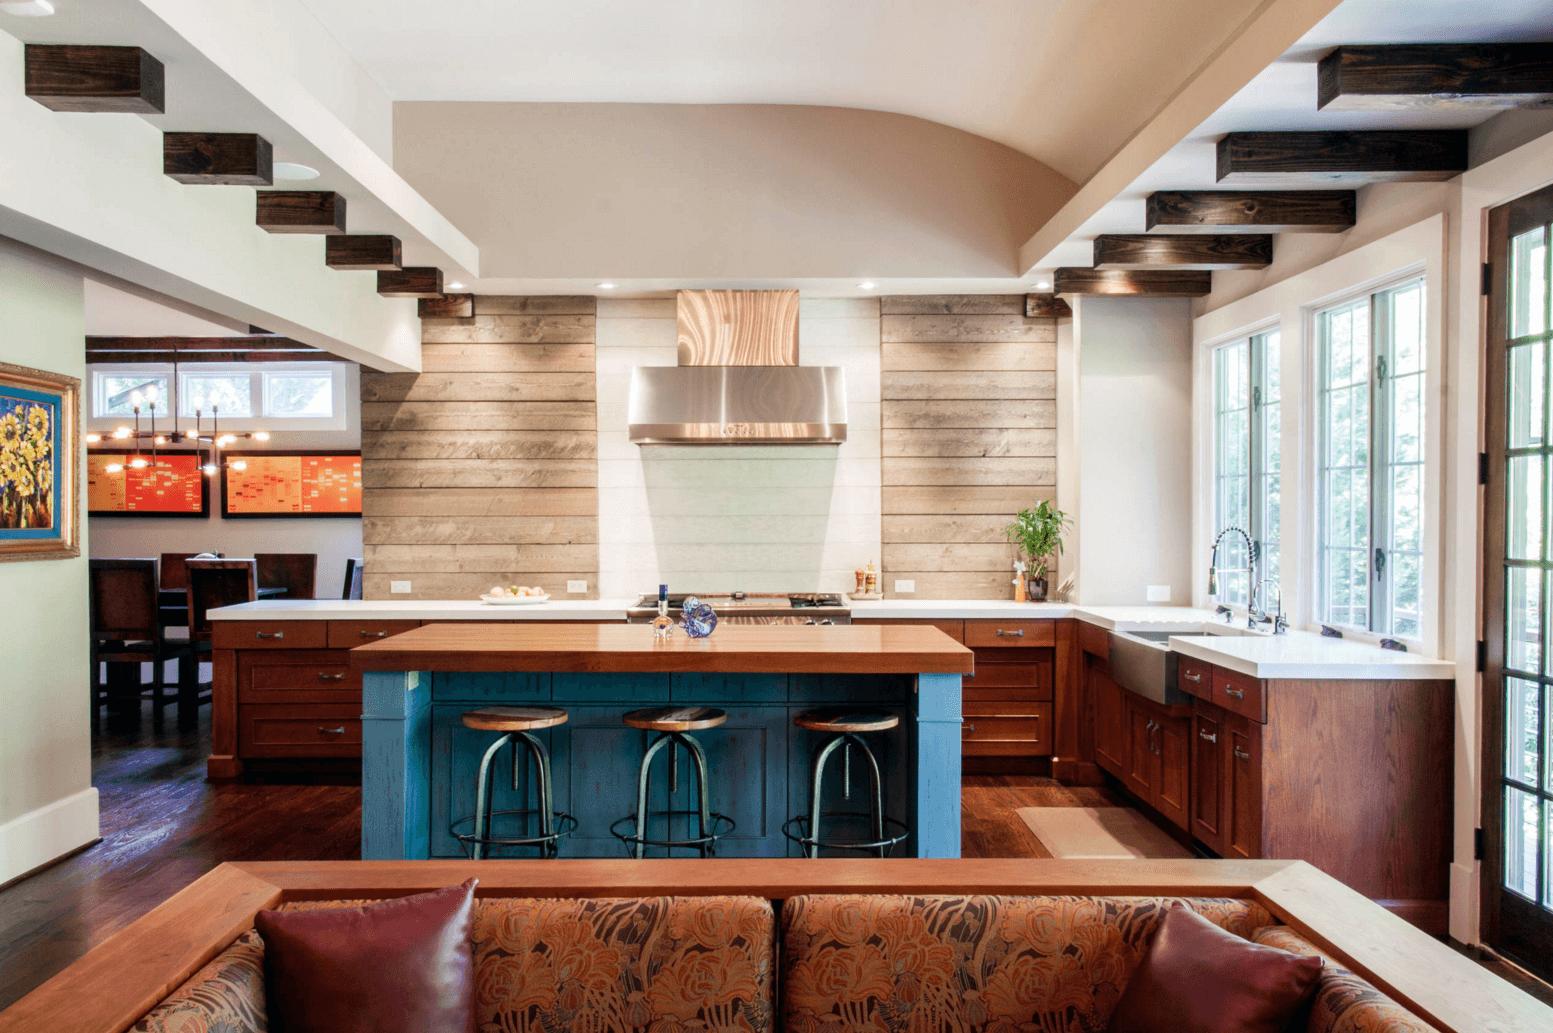 Идея дизайна фартука на кухню с жаростойкой краской